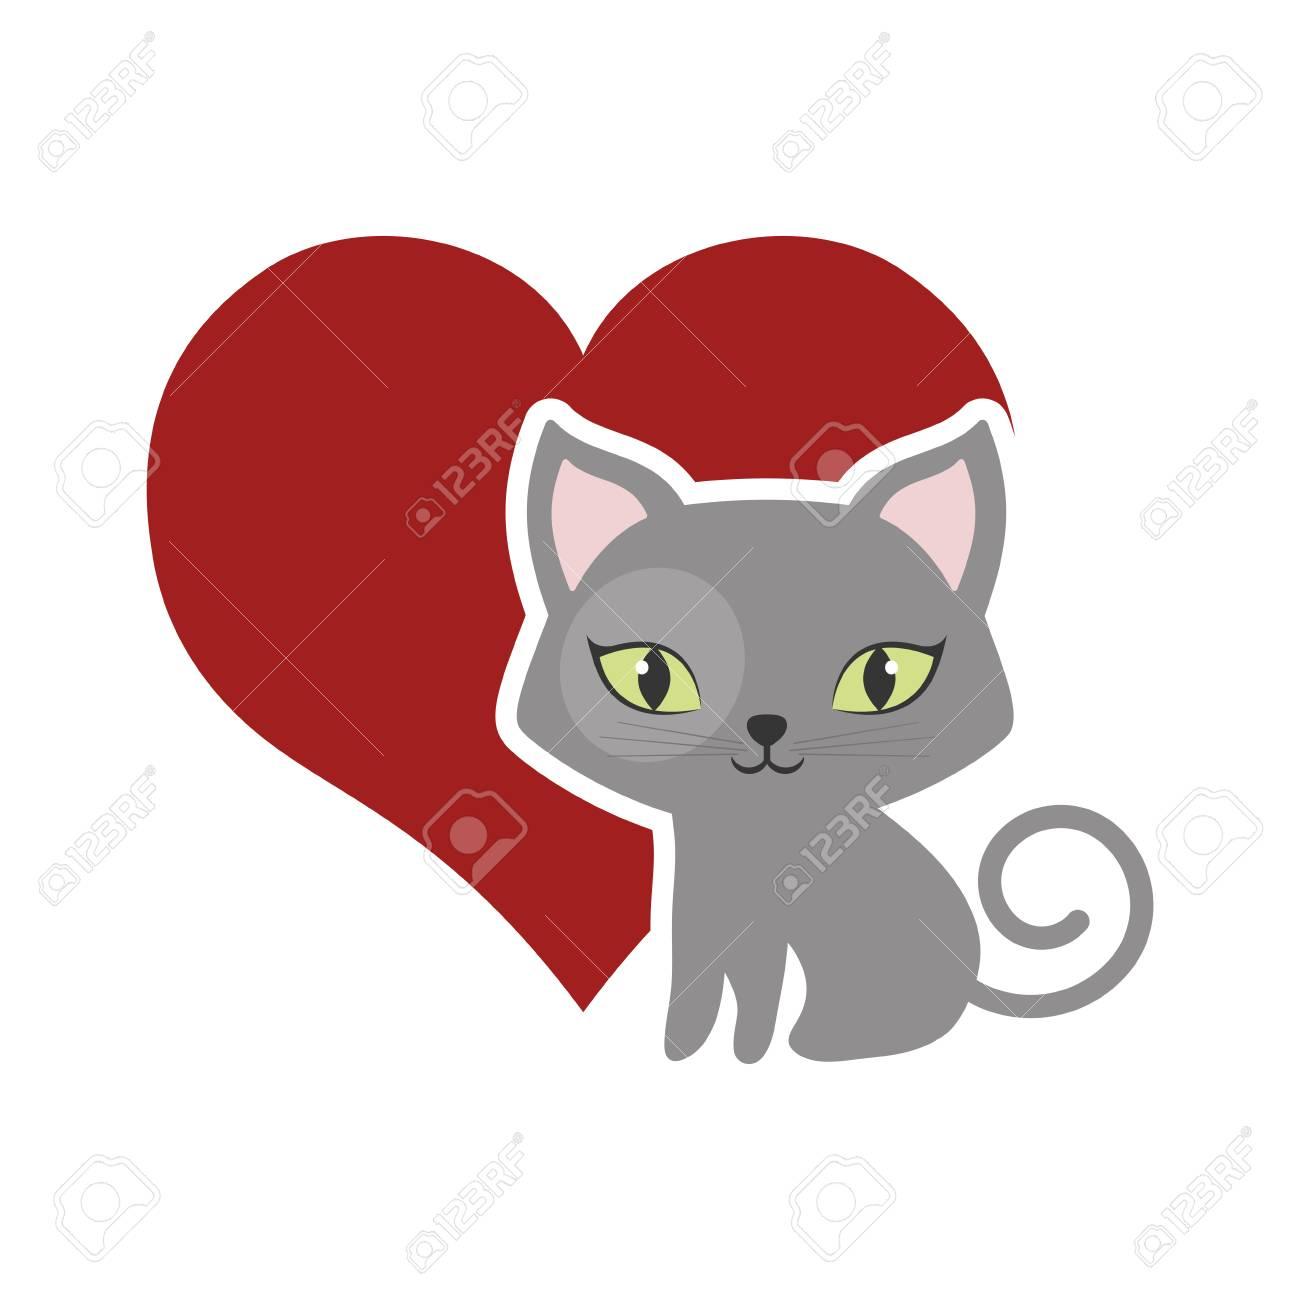 猫ふわふわ可愛い動物赤ハート ベクター イラスト Eps 10のイラスト素材